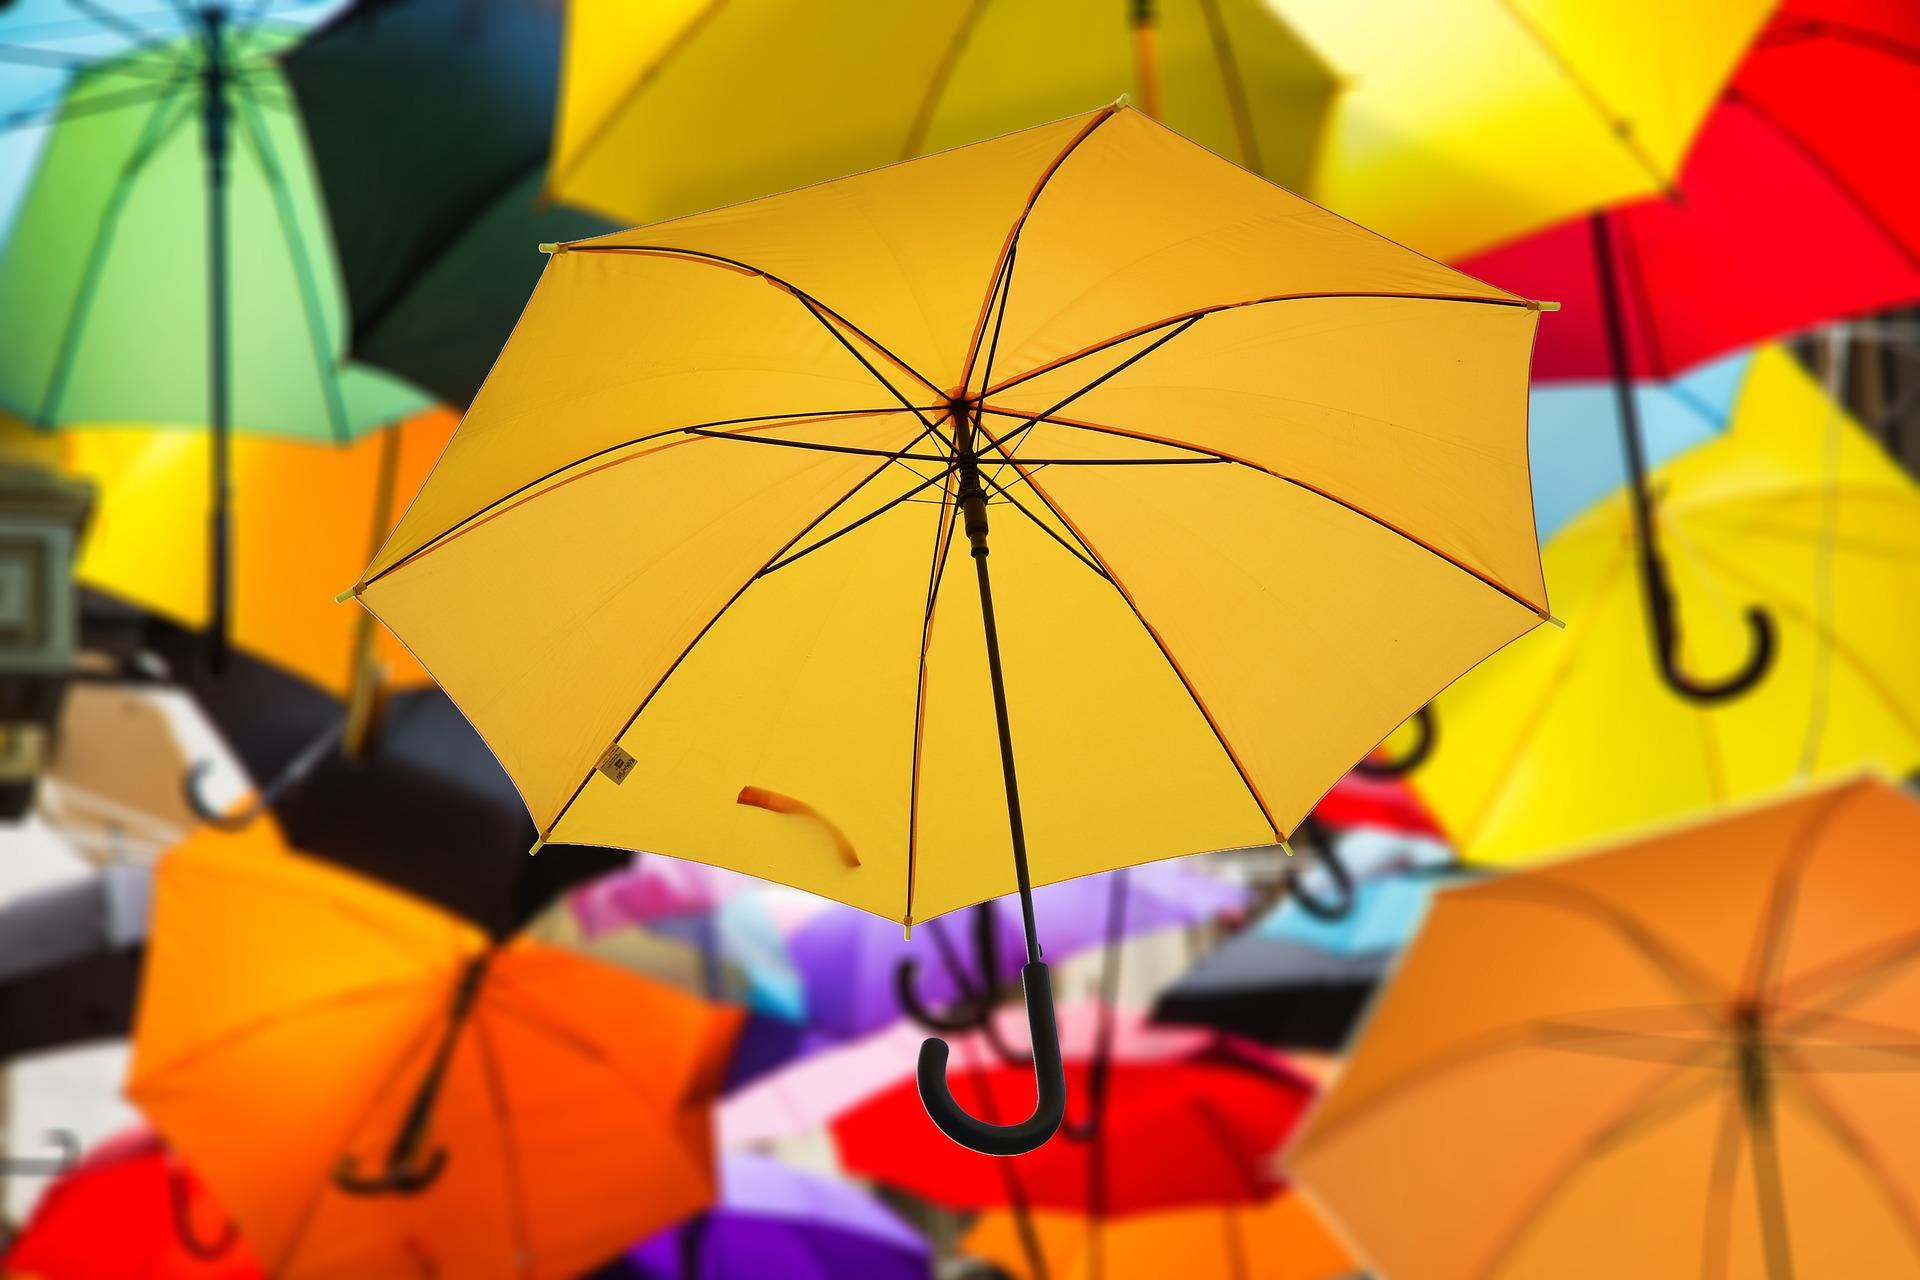 umbrella-2433970_1920